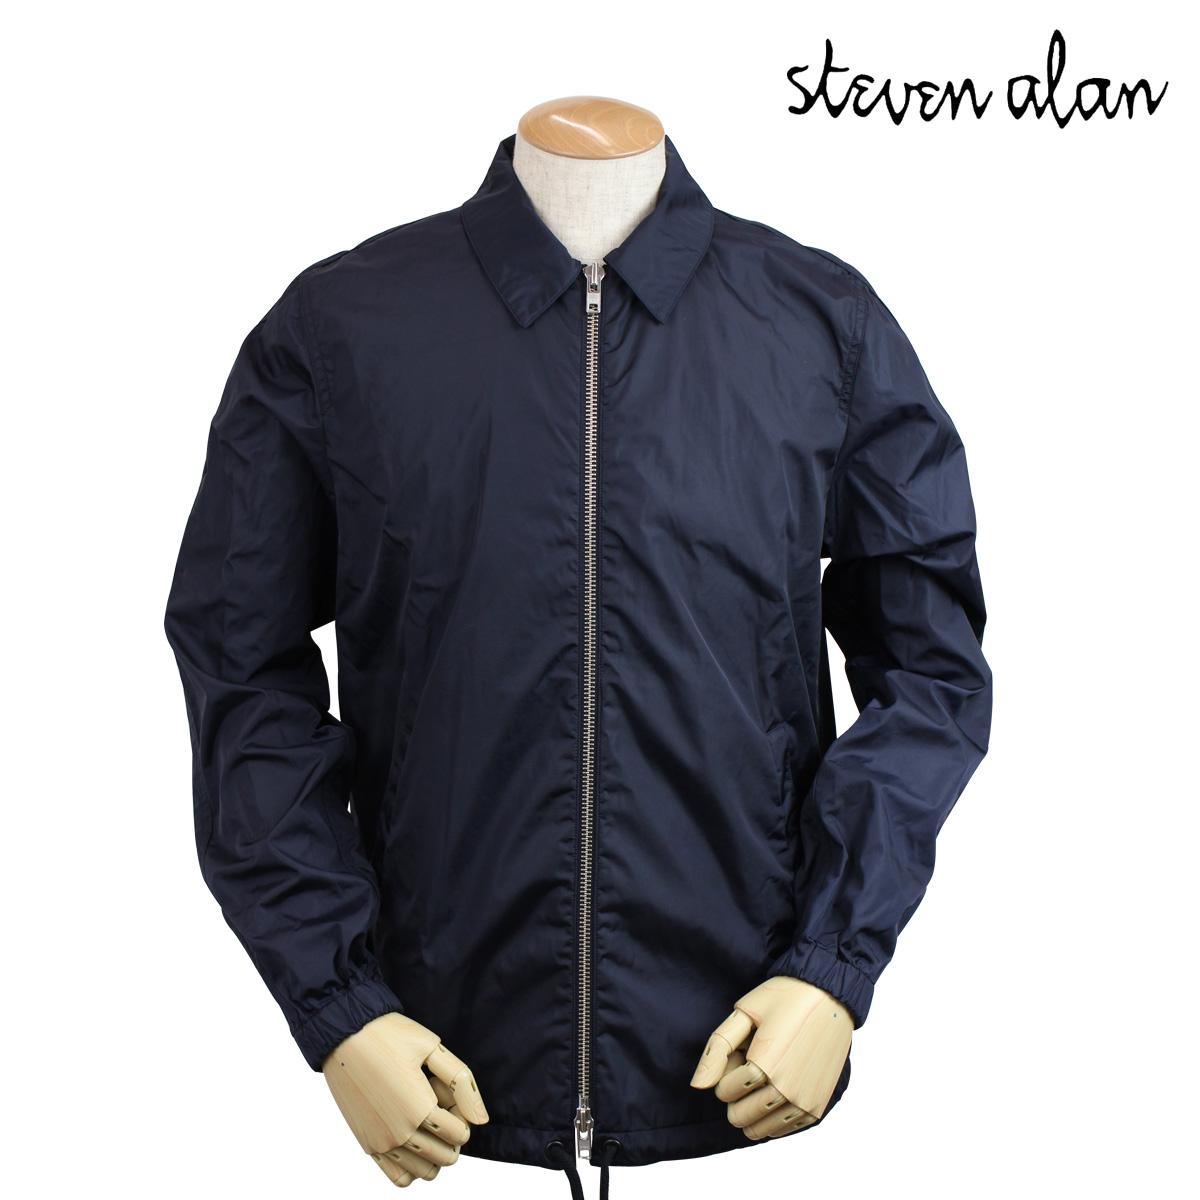 Mens jacket names - Alan Steven Alan Mens Jacket Nylon Coach Jacket Jumper Navy Coaches Jacket 12 10